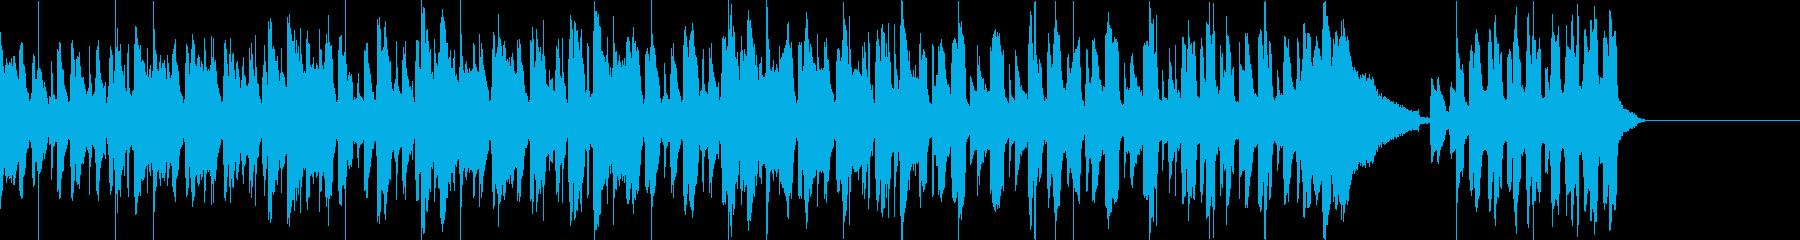 コミカル かわいいの再生済みの波形